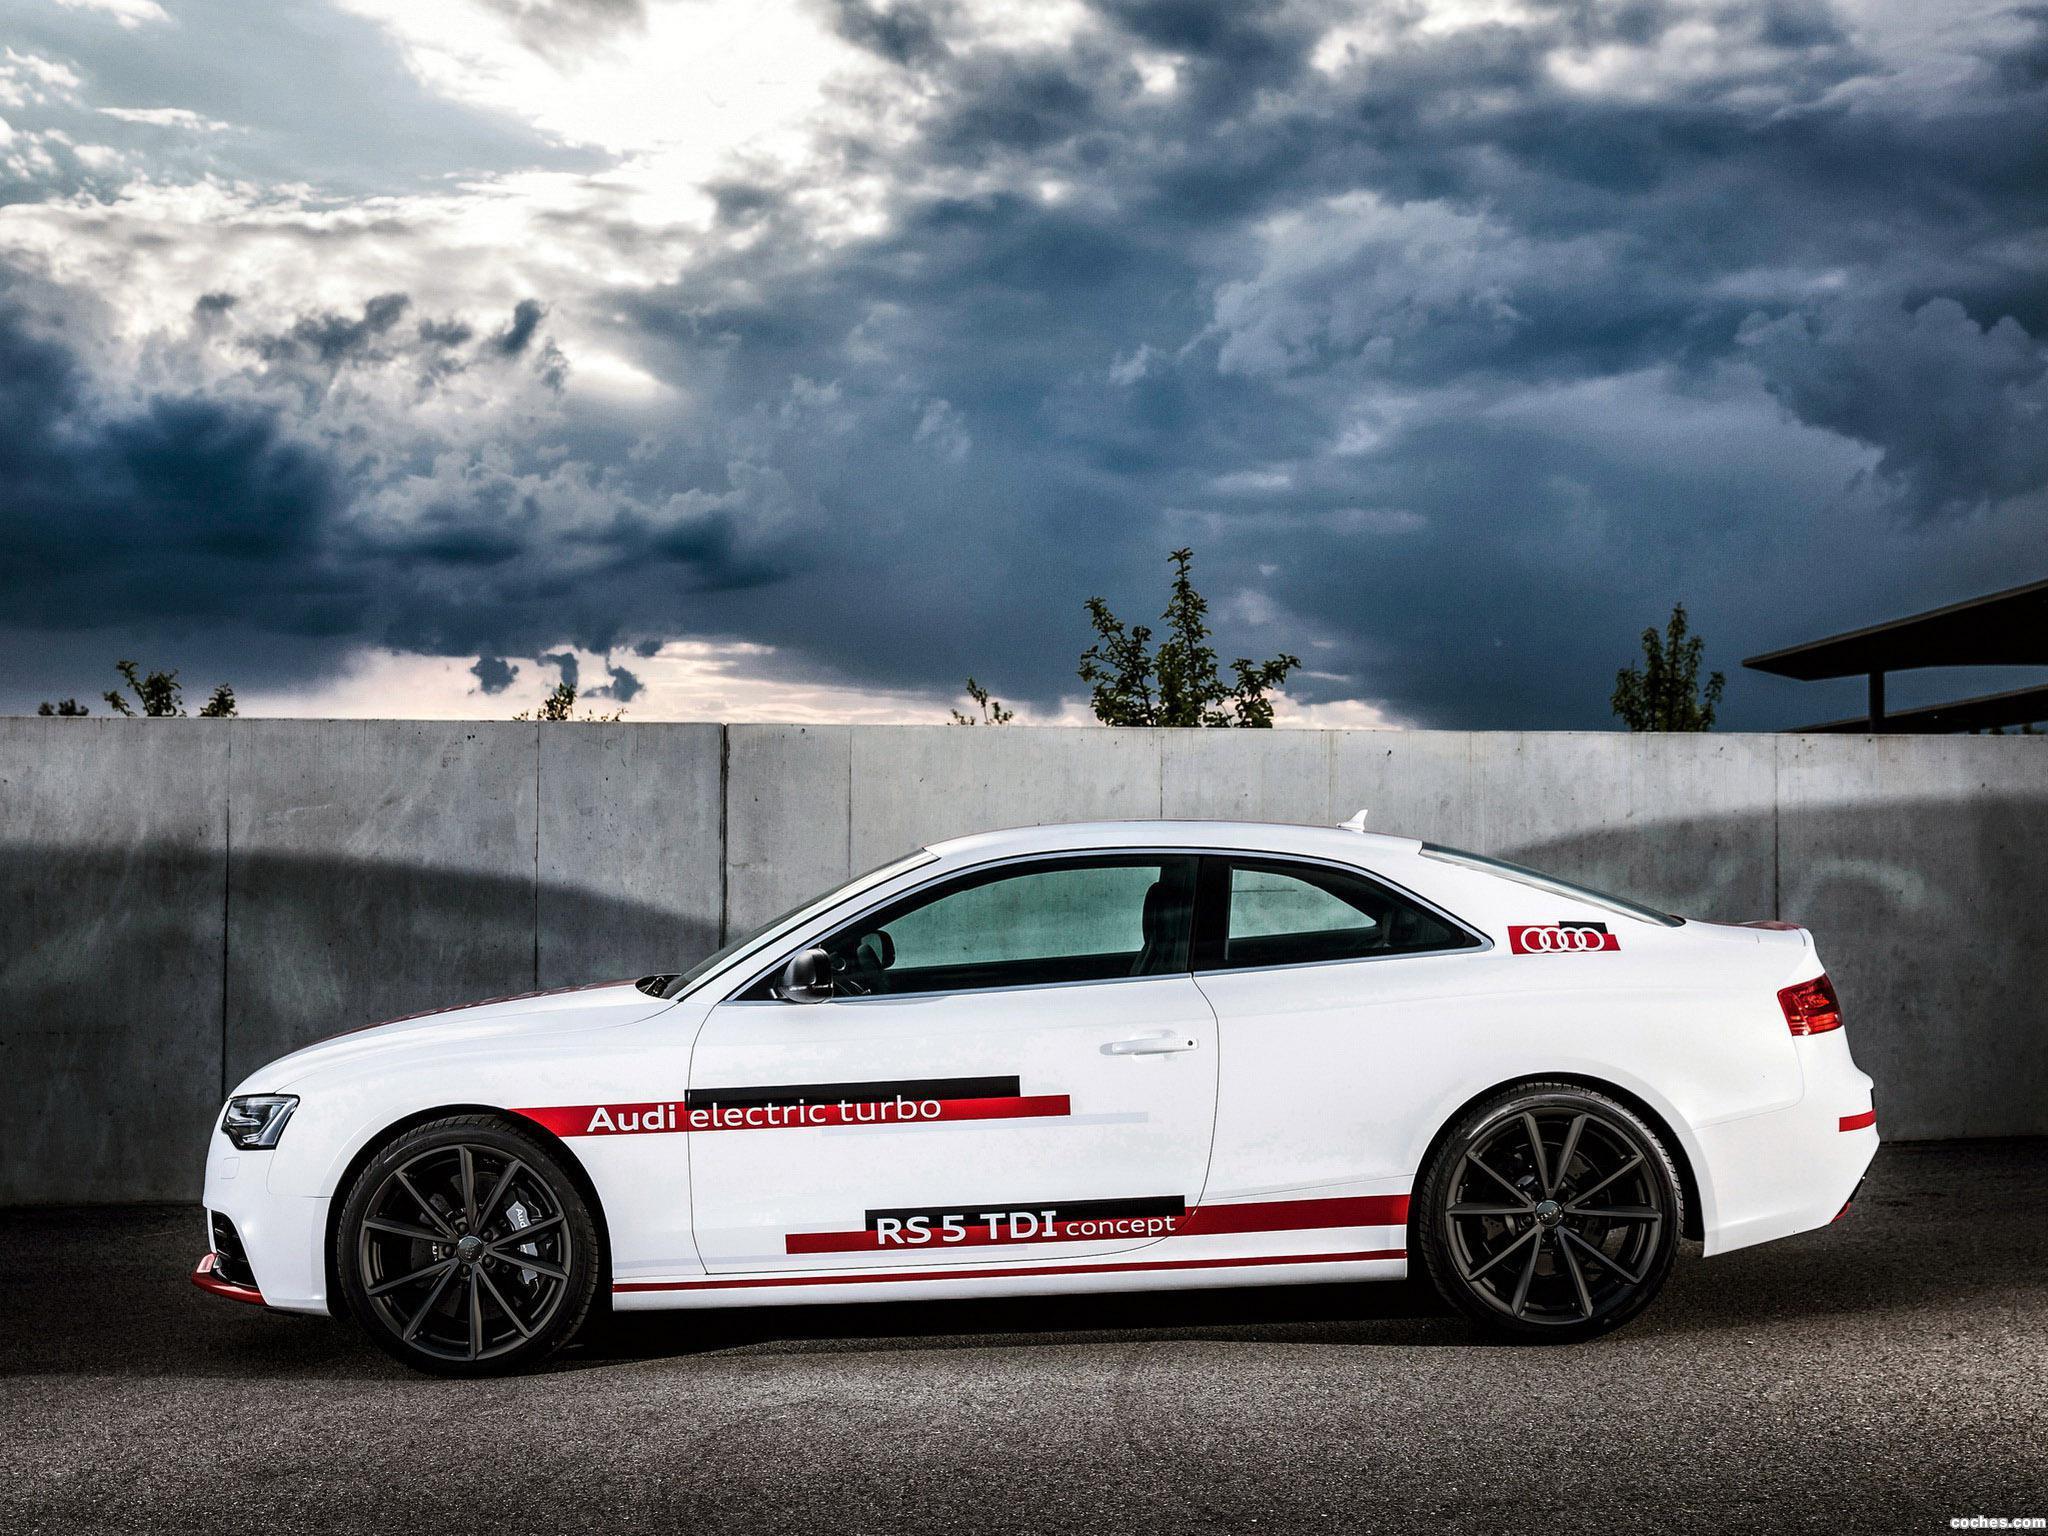 Foto 12 de Audi RS5 TDI Concept 2014